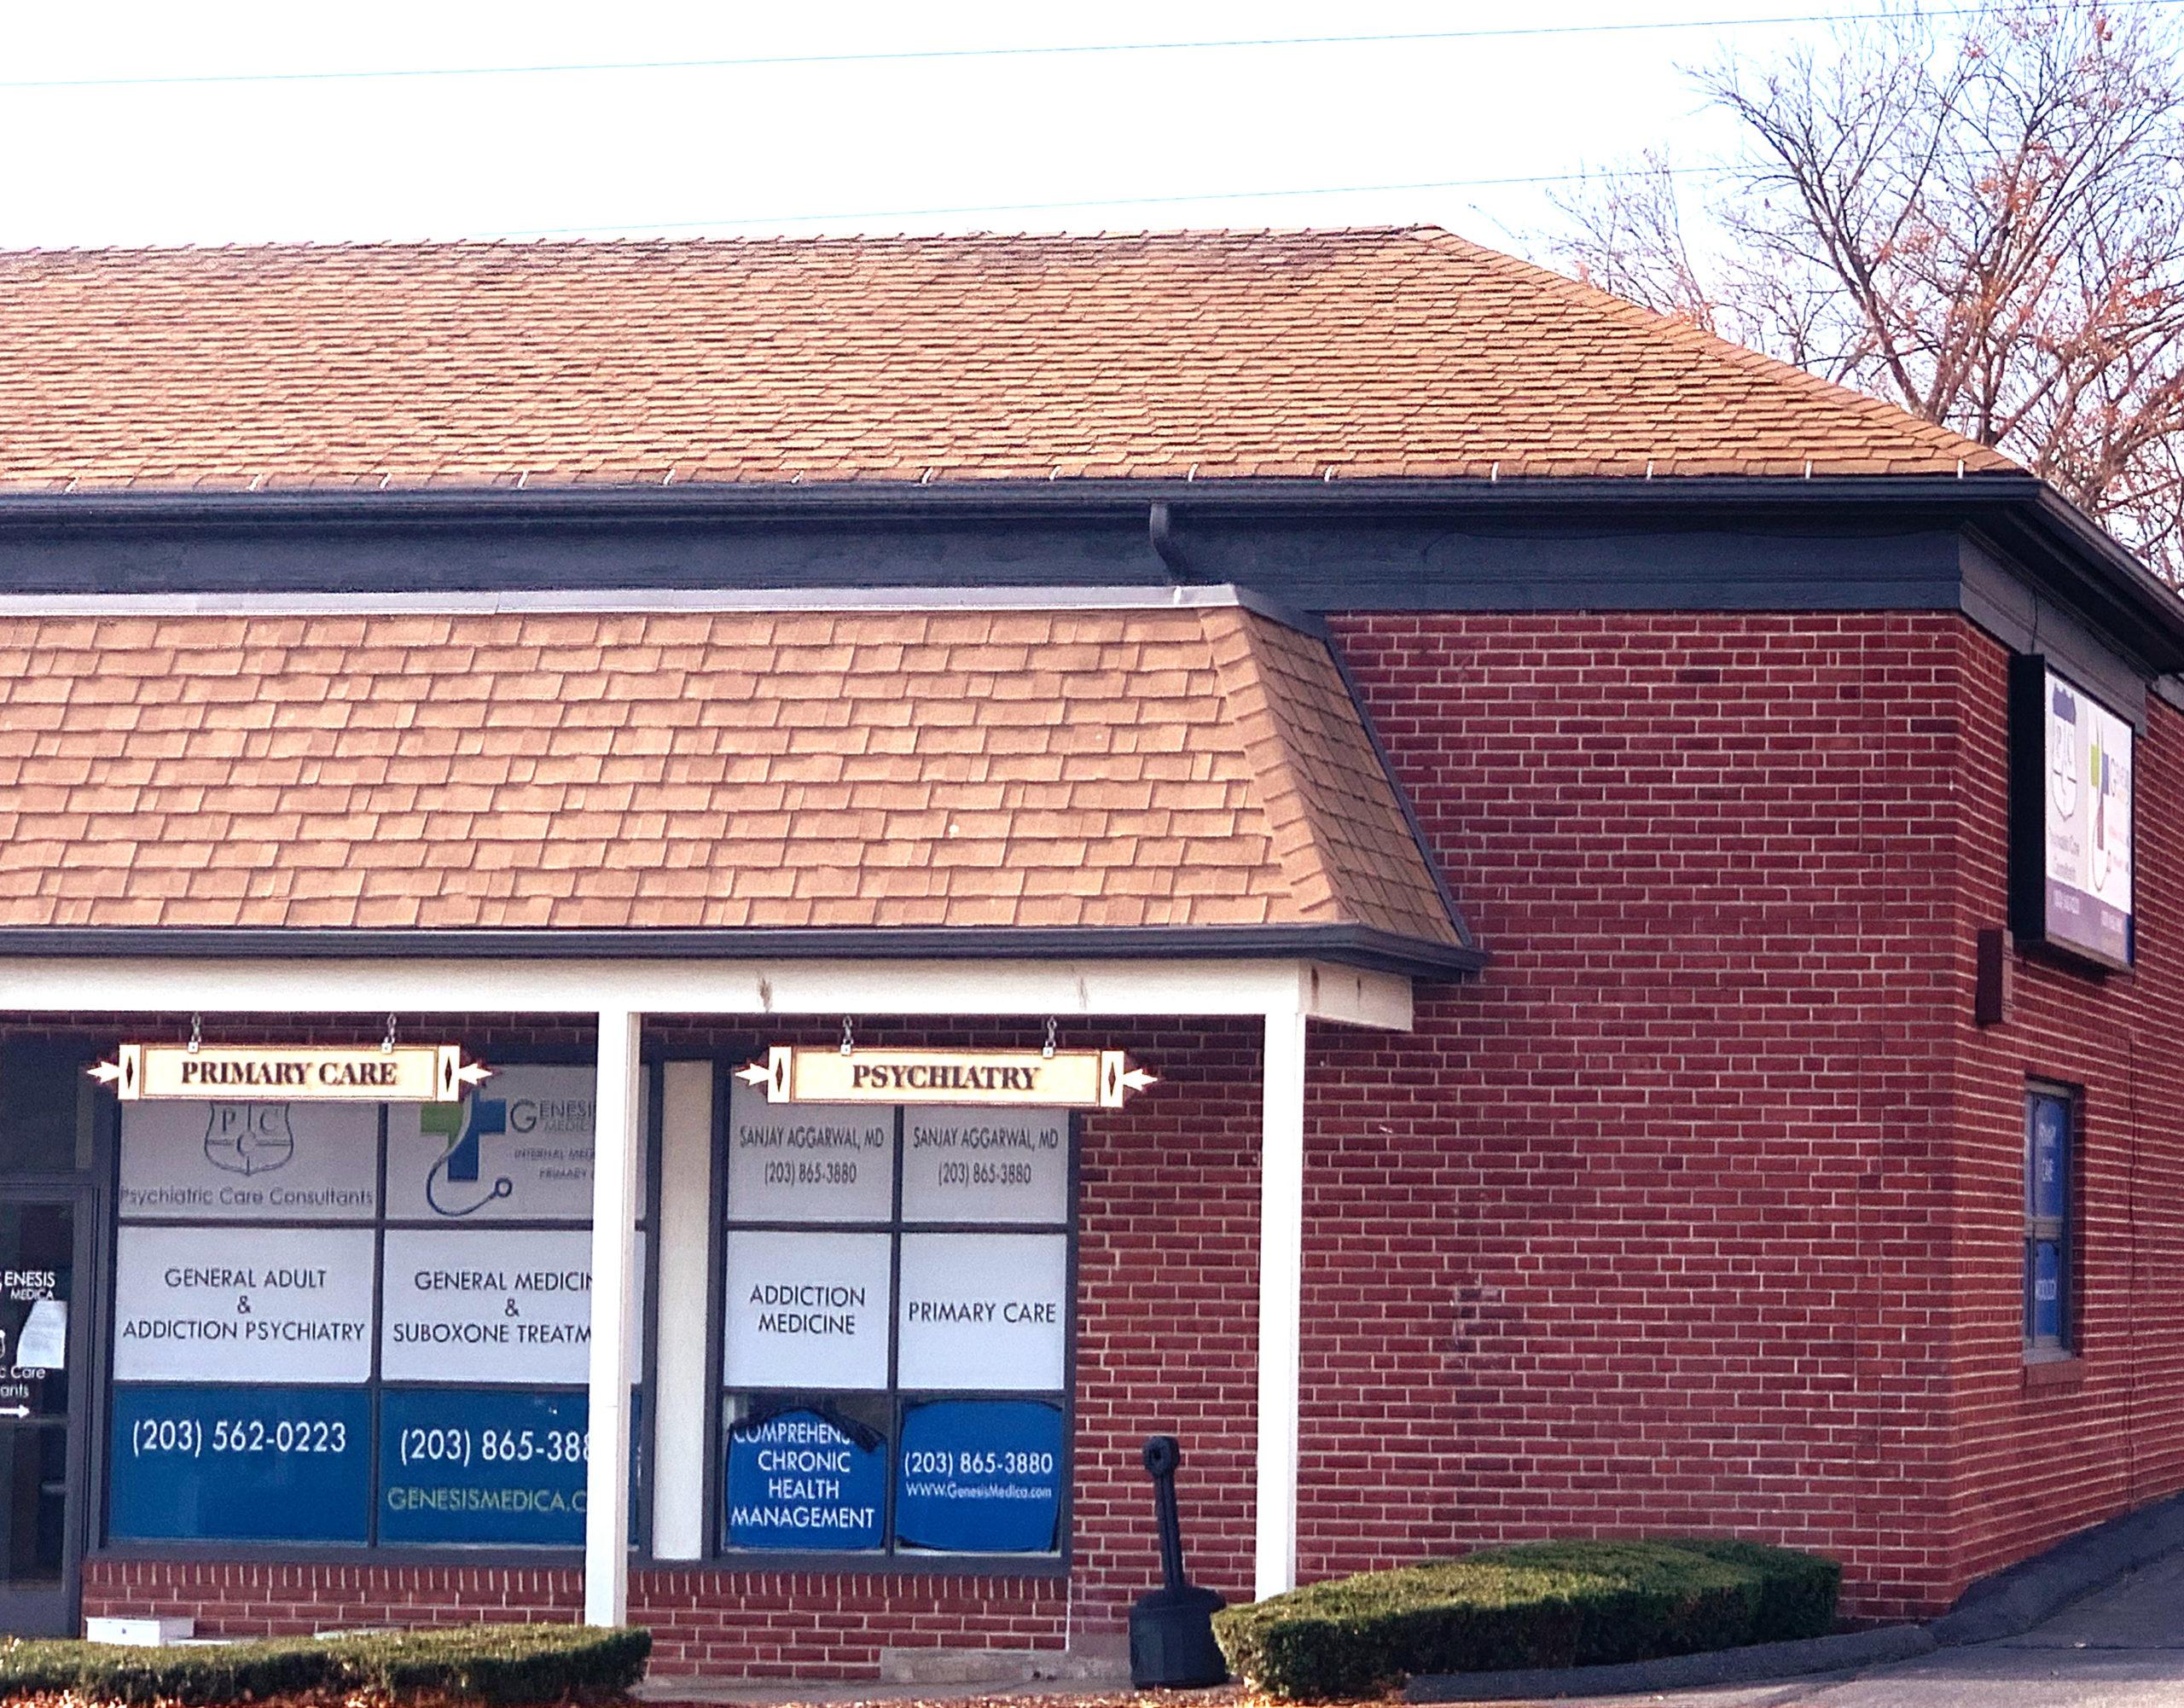 Genesis Medica Milford Office